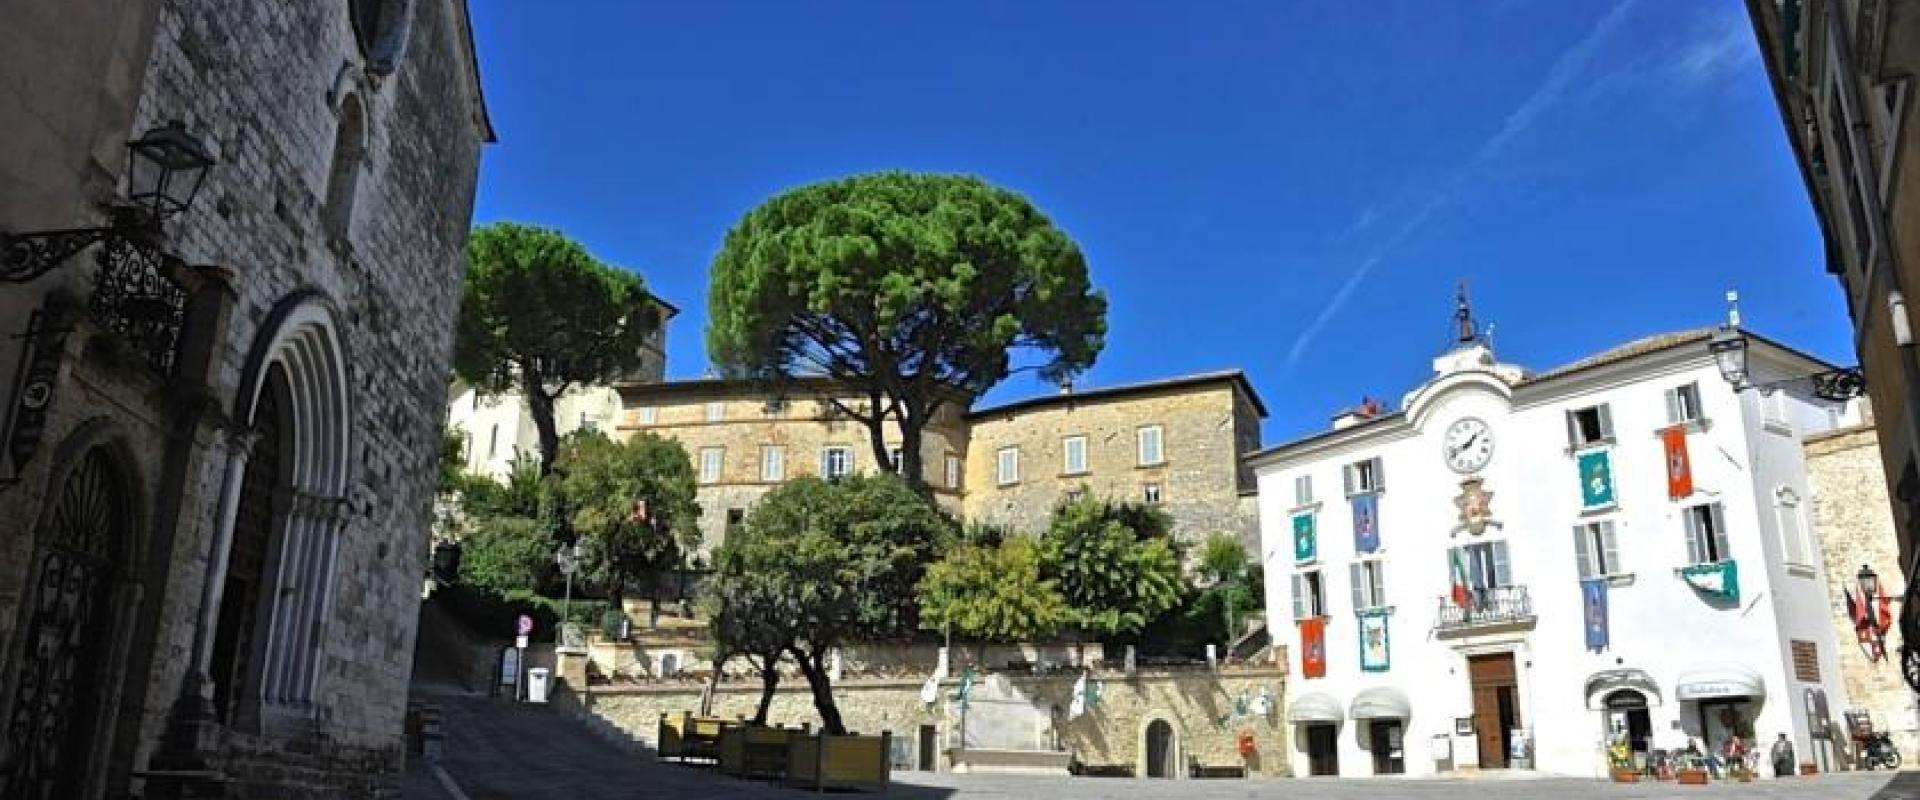 Visit of San Gemini Umbria